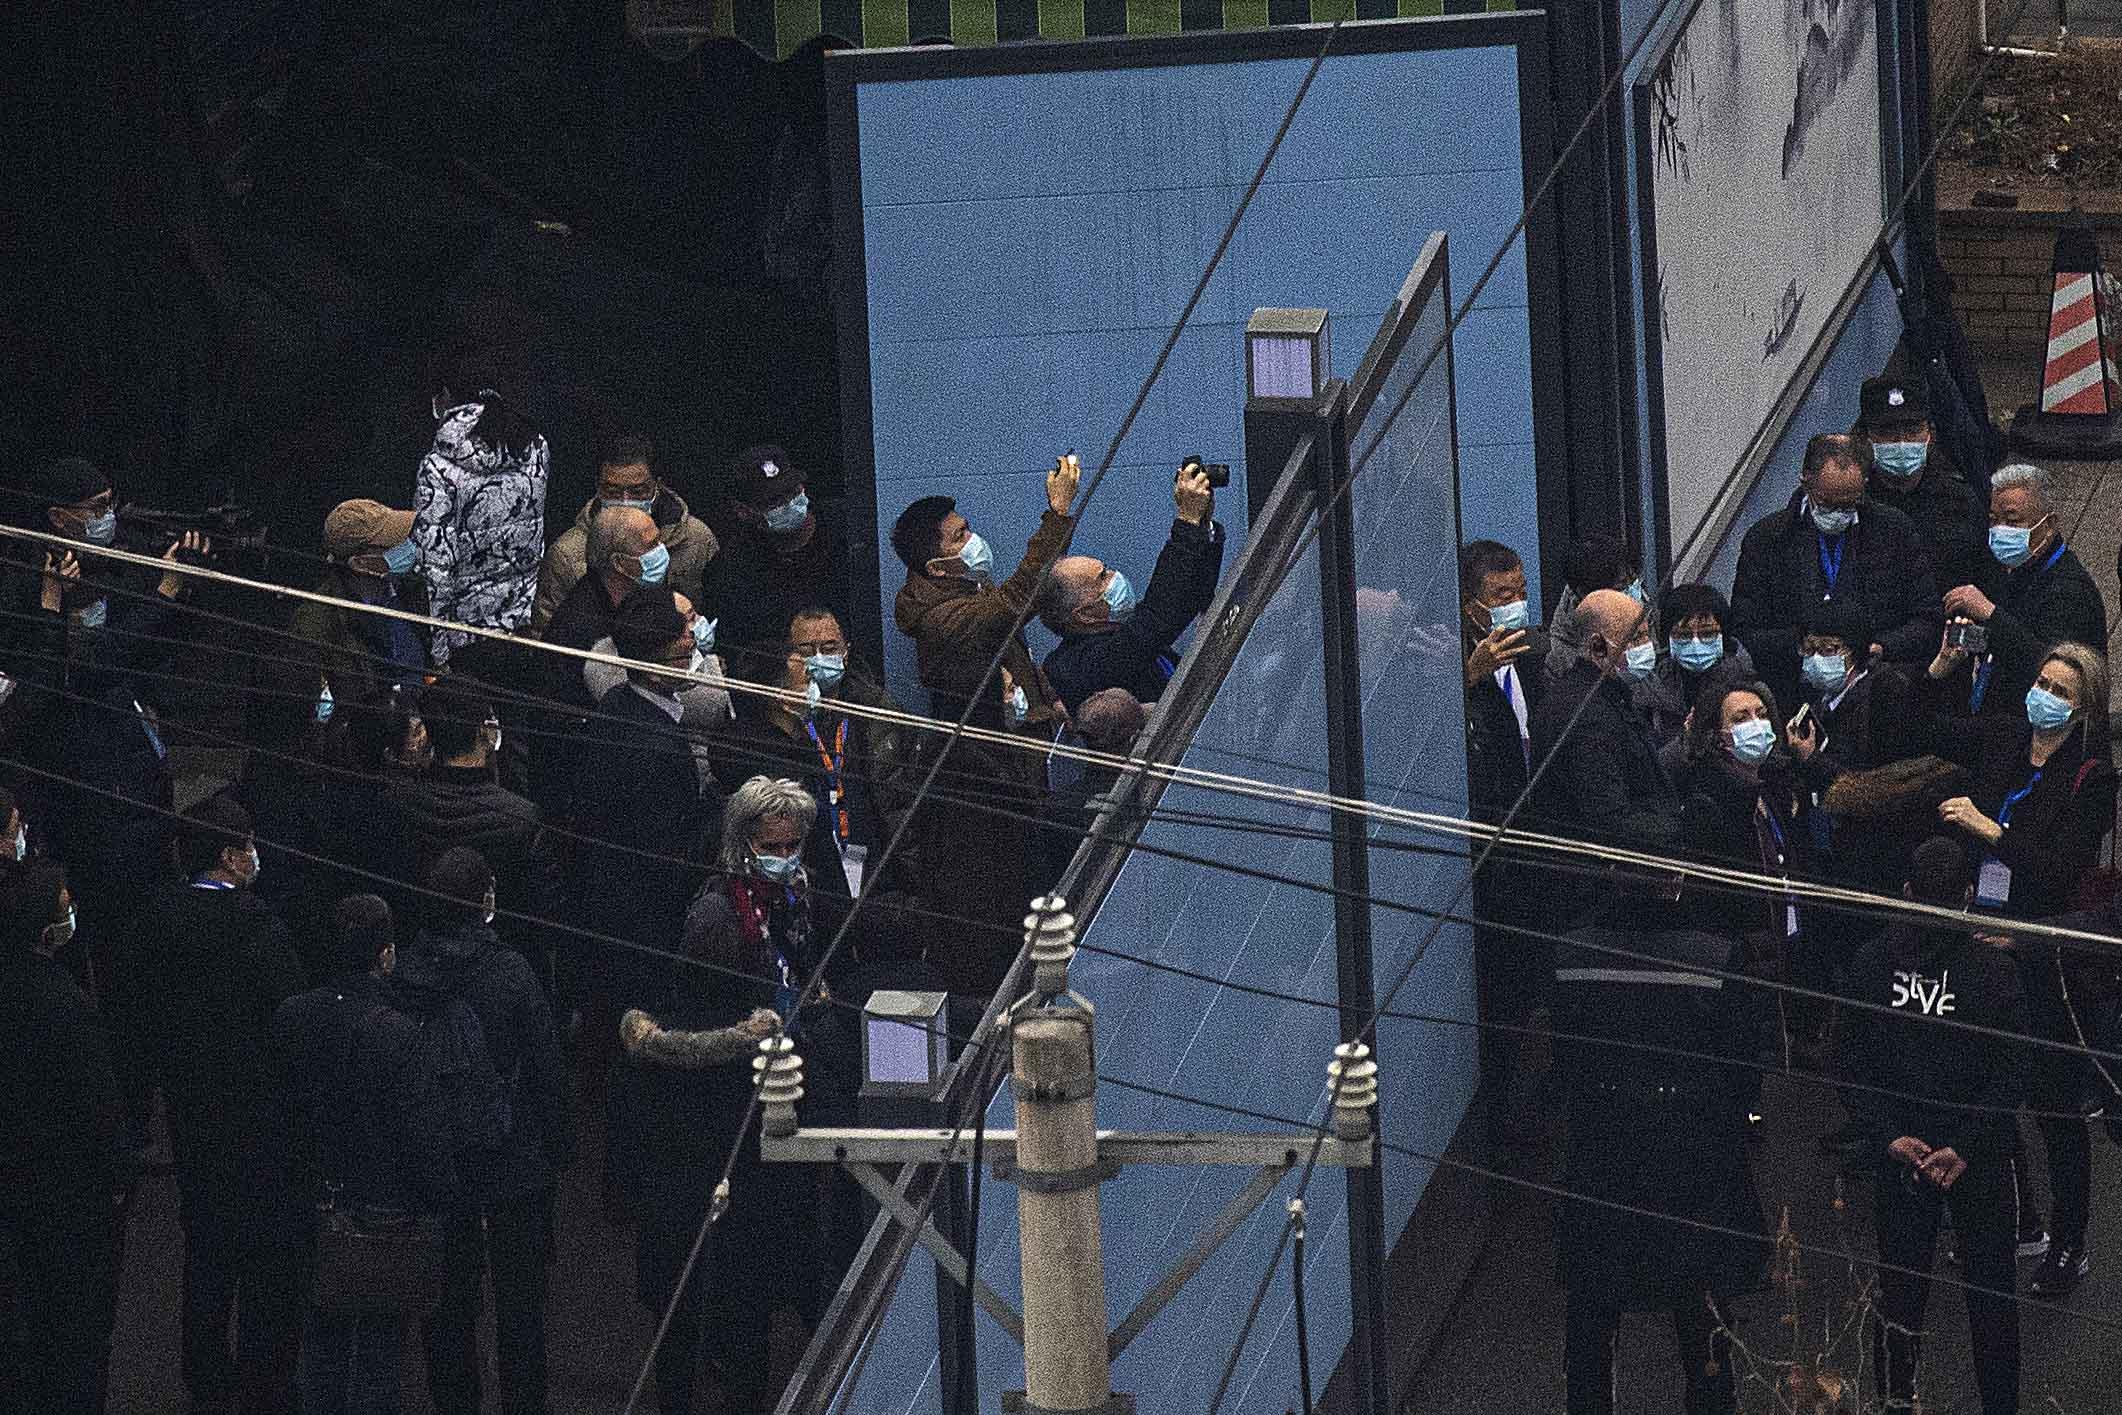 2021年1月31日中國武漢,世界衞生組織專家團進入武漢華南海鮮市場。